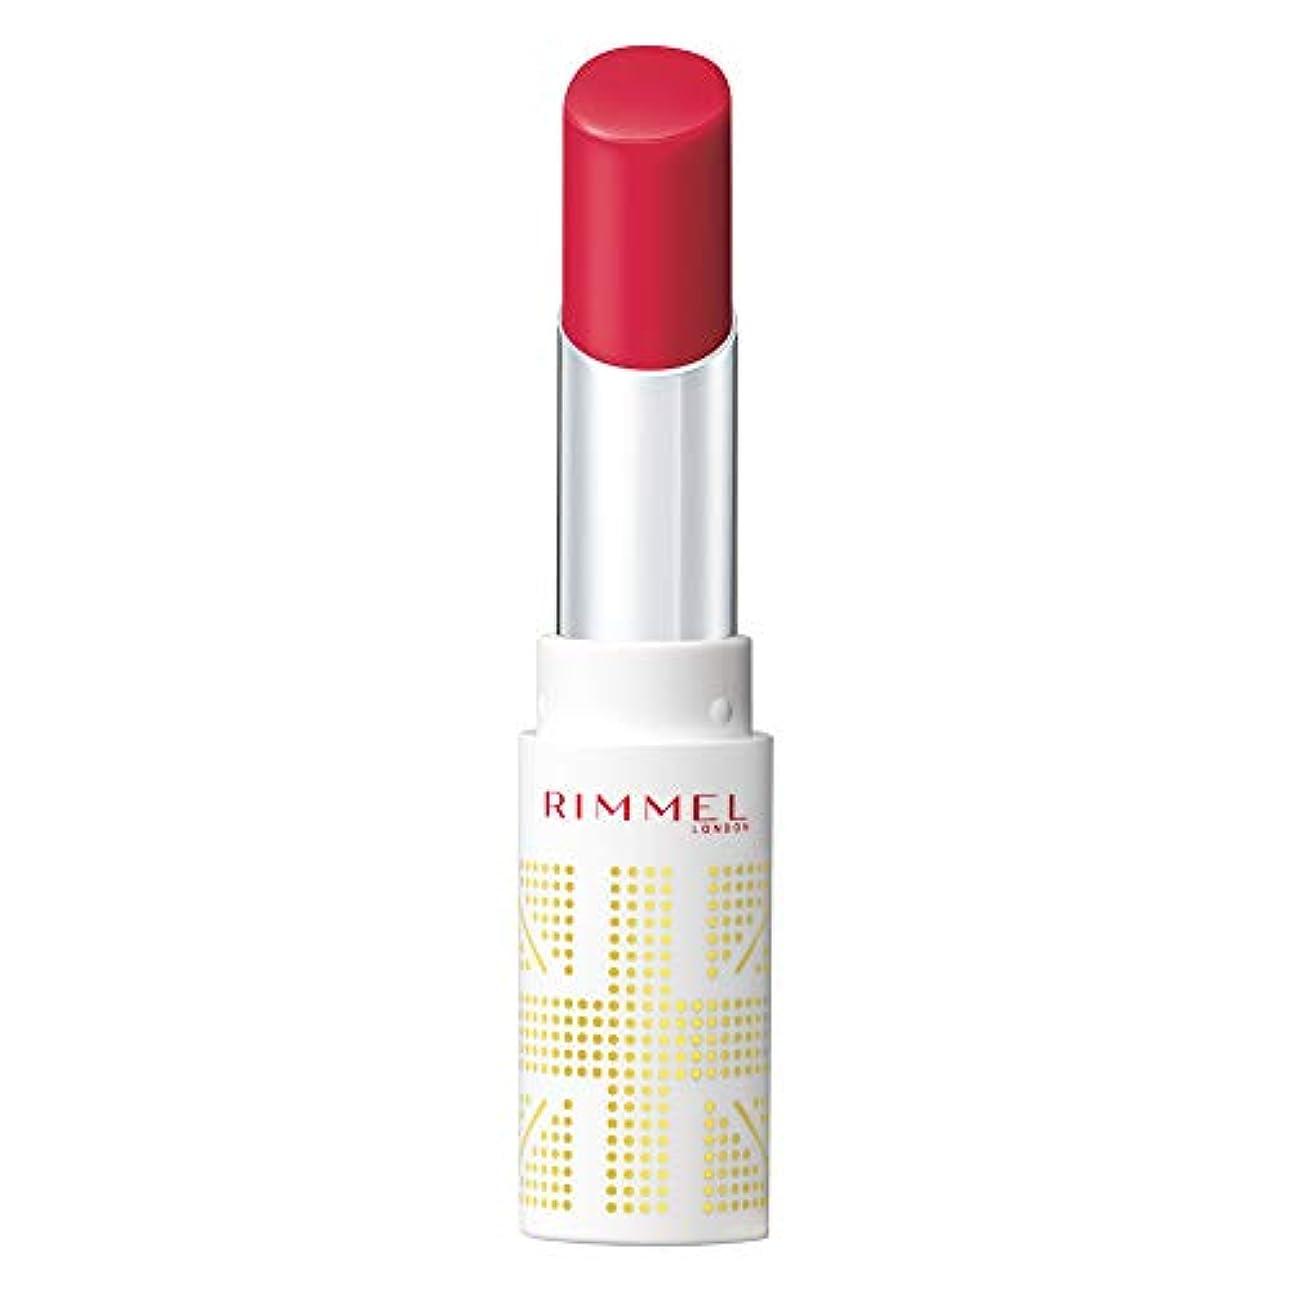 画家排気債務者Rimmel (リンメル) リンメル ラスティングフィニッシュ オイルティントリップ 001 ベリーピンク 3.8g 口紅